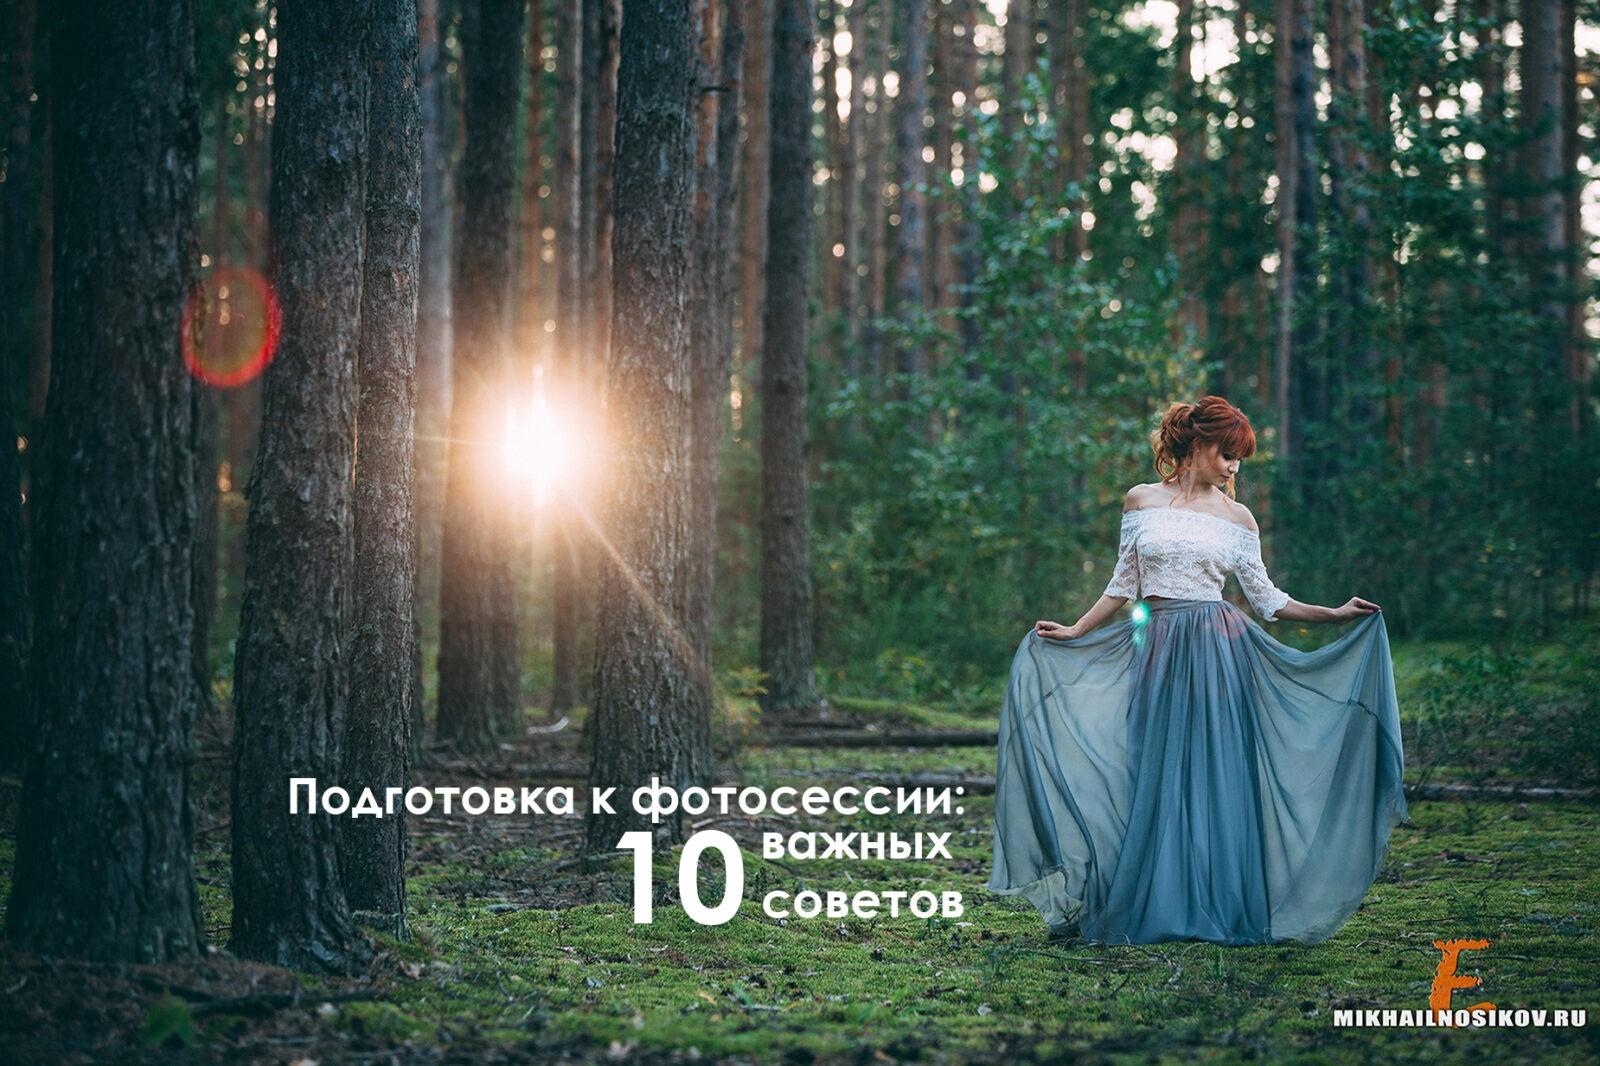 10 ВАЖНЫХ СОВЕТОВ